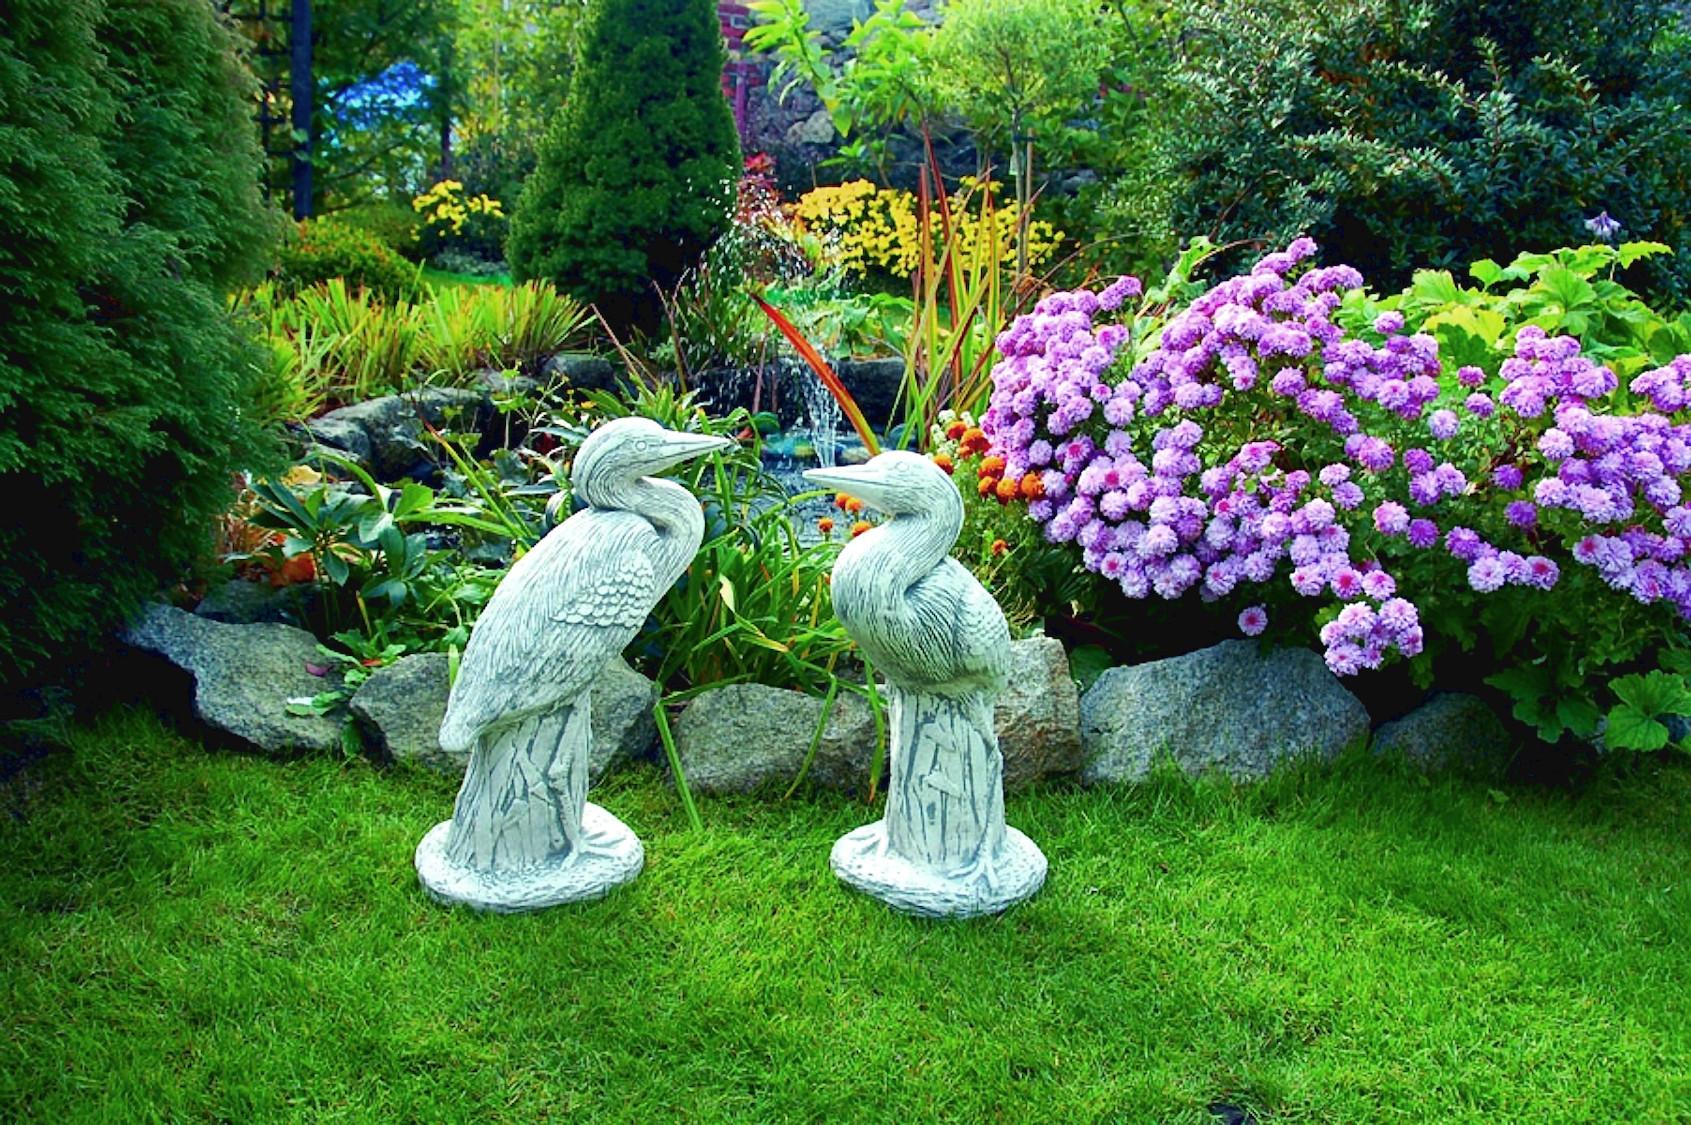 изготавливают сухой садовый декор в ландшафтном дизайне фото при изготовлении